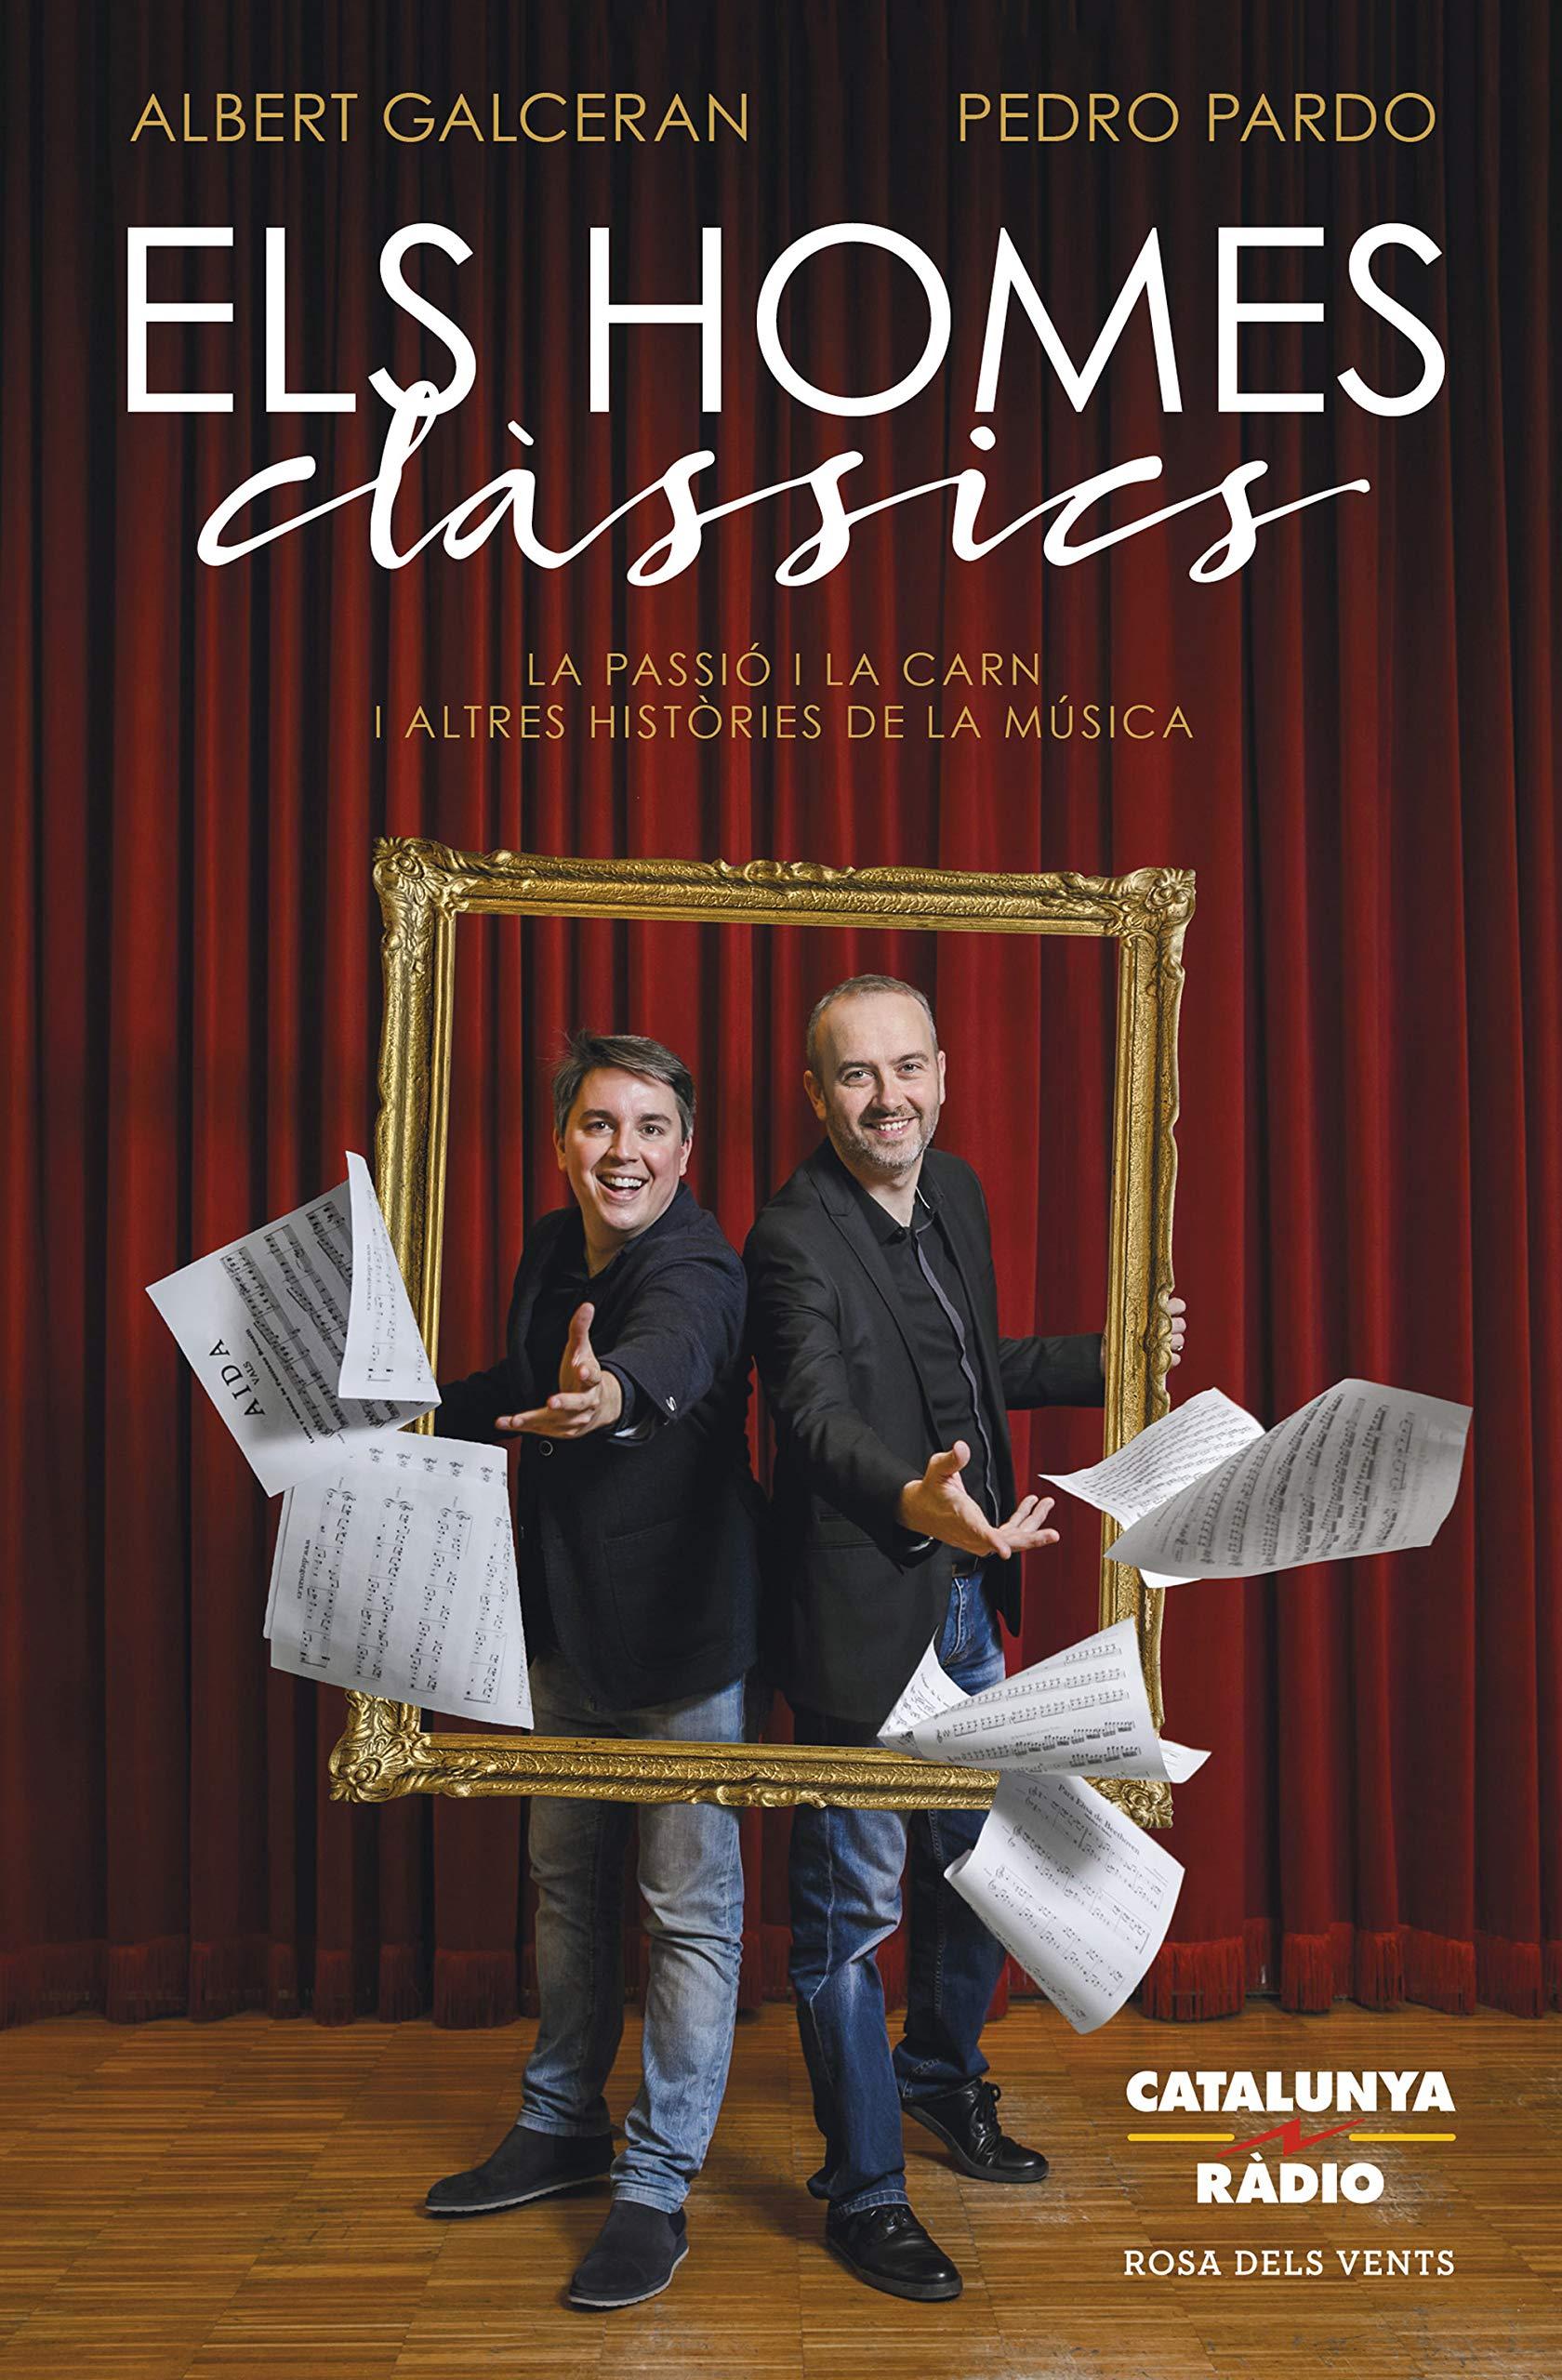 Els homes clàssics: La Passió i la carn i altres històries de la música (ACTUALITAT)